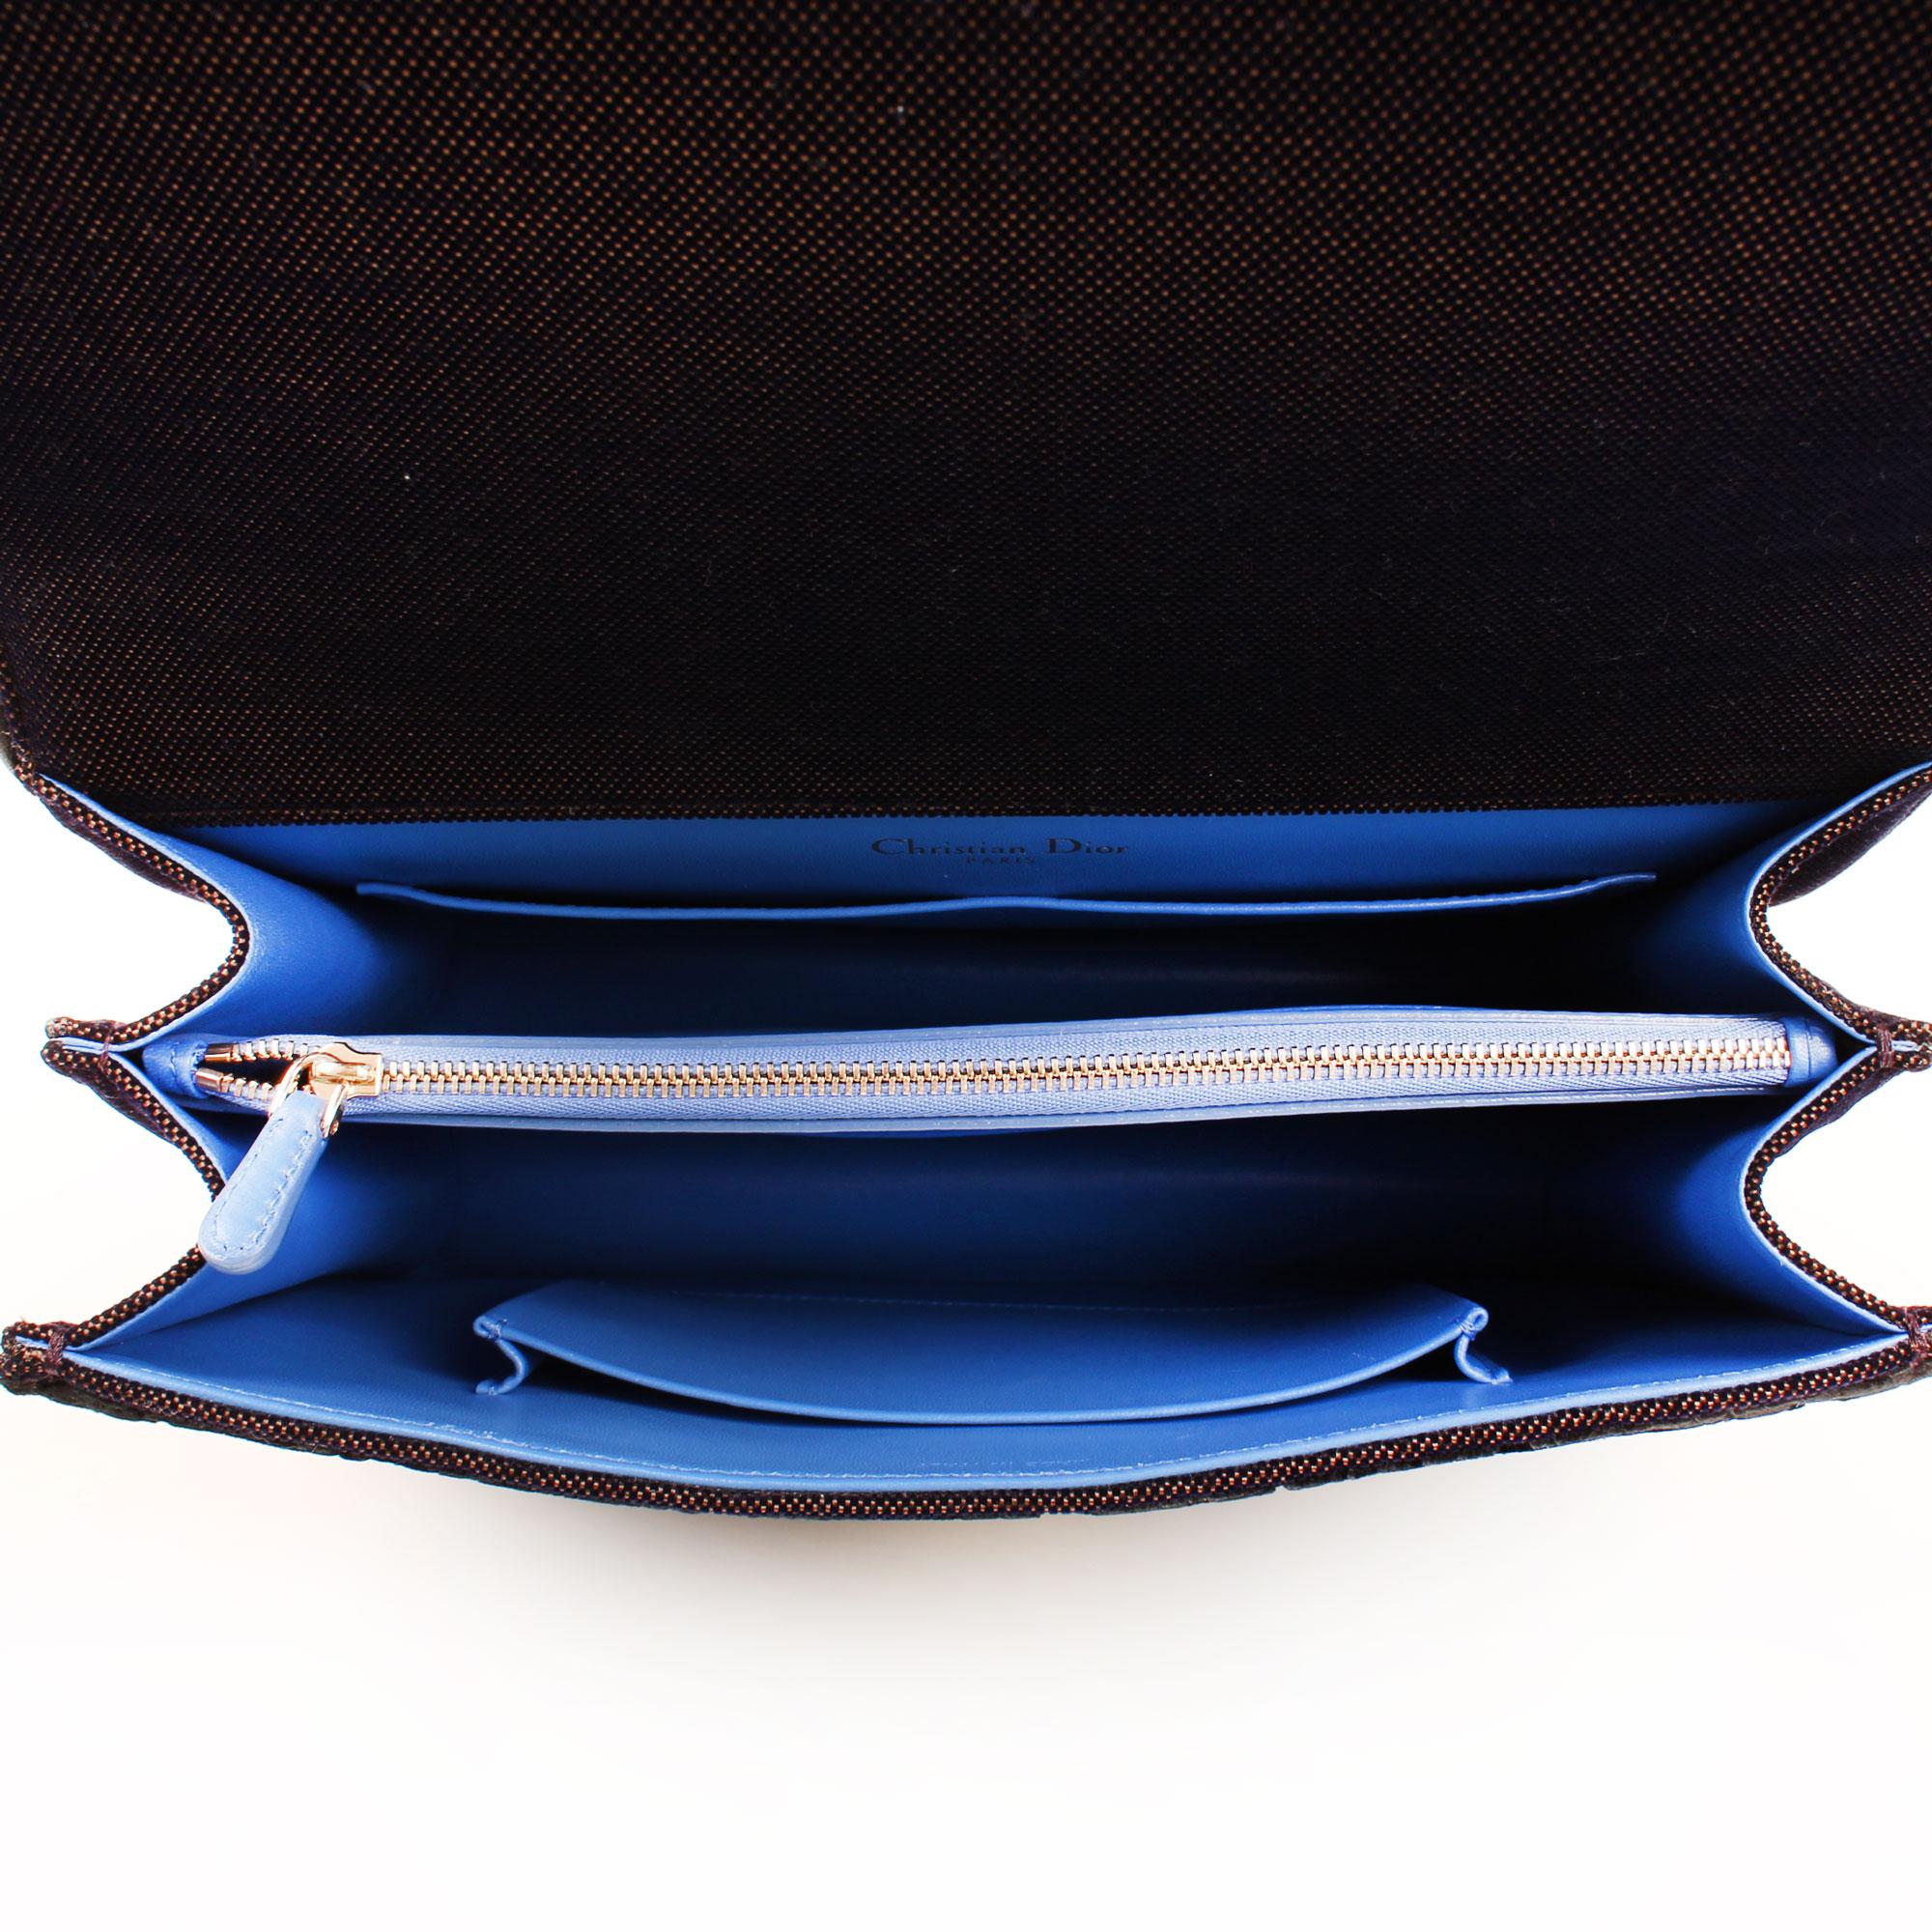 Image del interior del bolso dior diorama mediano terciopelo piel azul